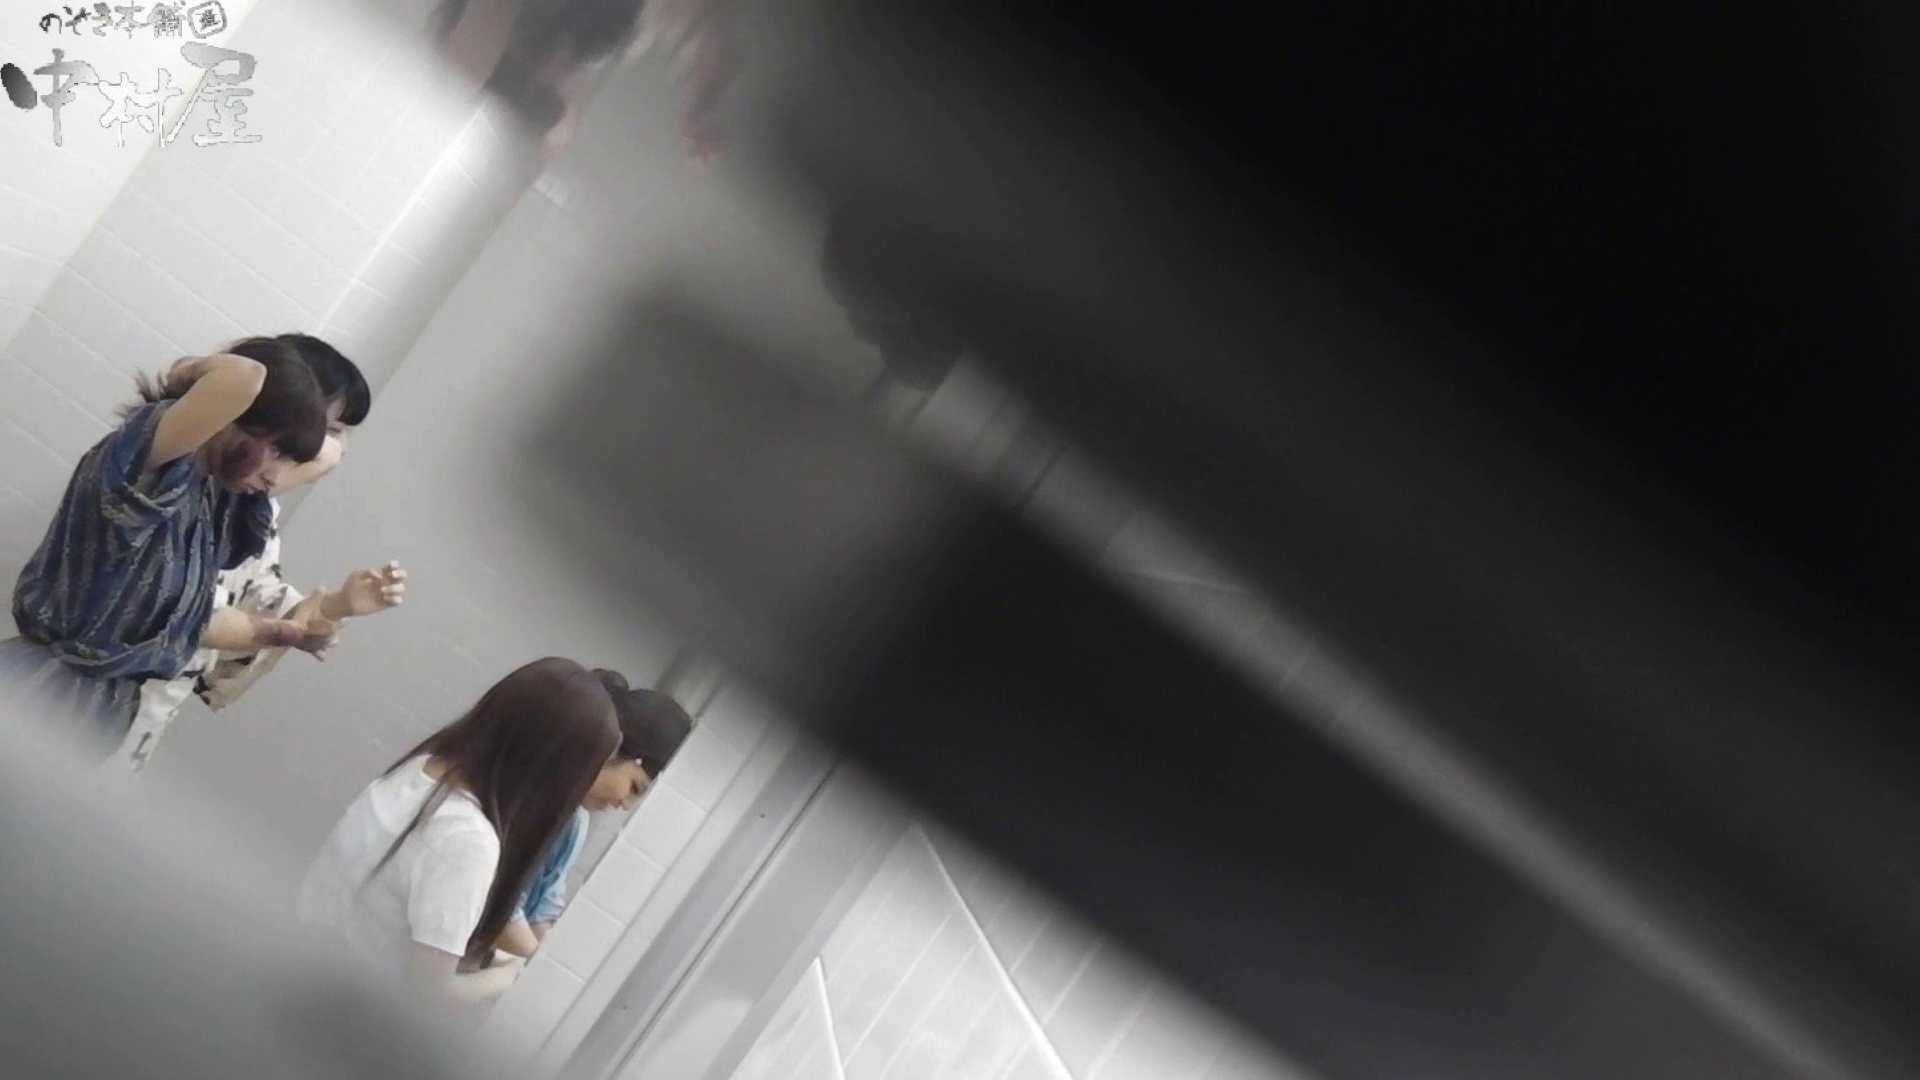 【お銀さんの「洗面所突入レポート!!」】お銀さんの「洗面所突入レポート!!」 vol.29 ∑(゚Д゚)アッ! 洗面所 | HなOL  100pic 4